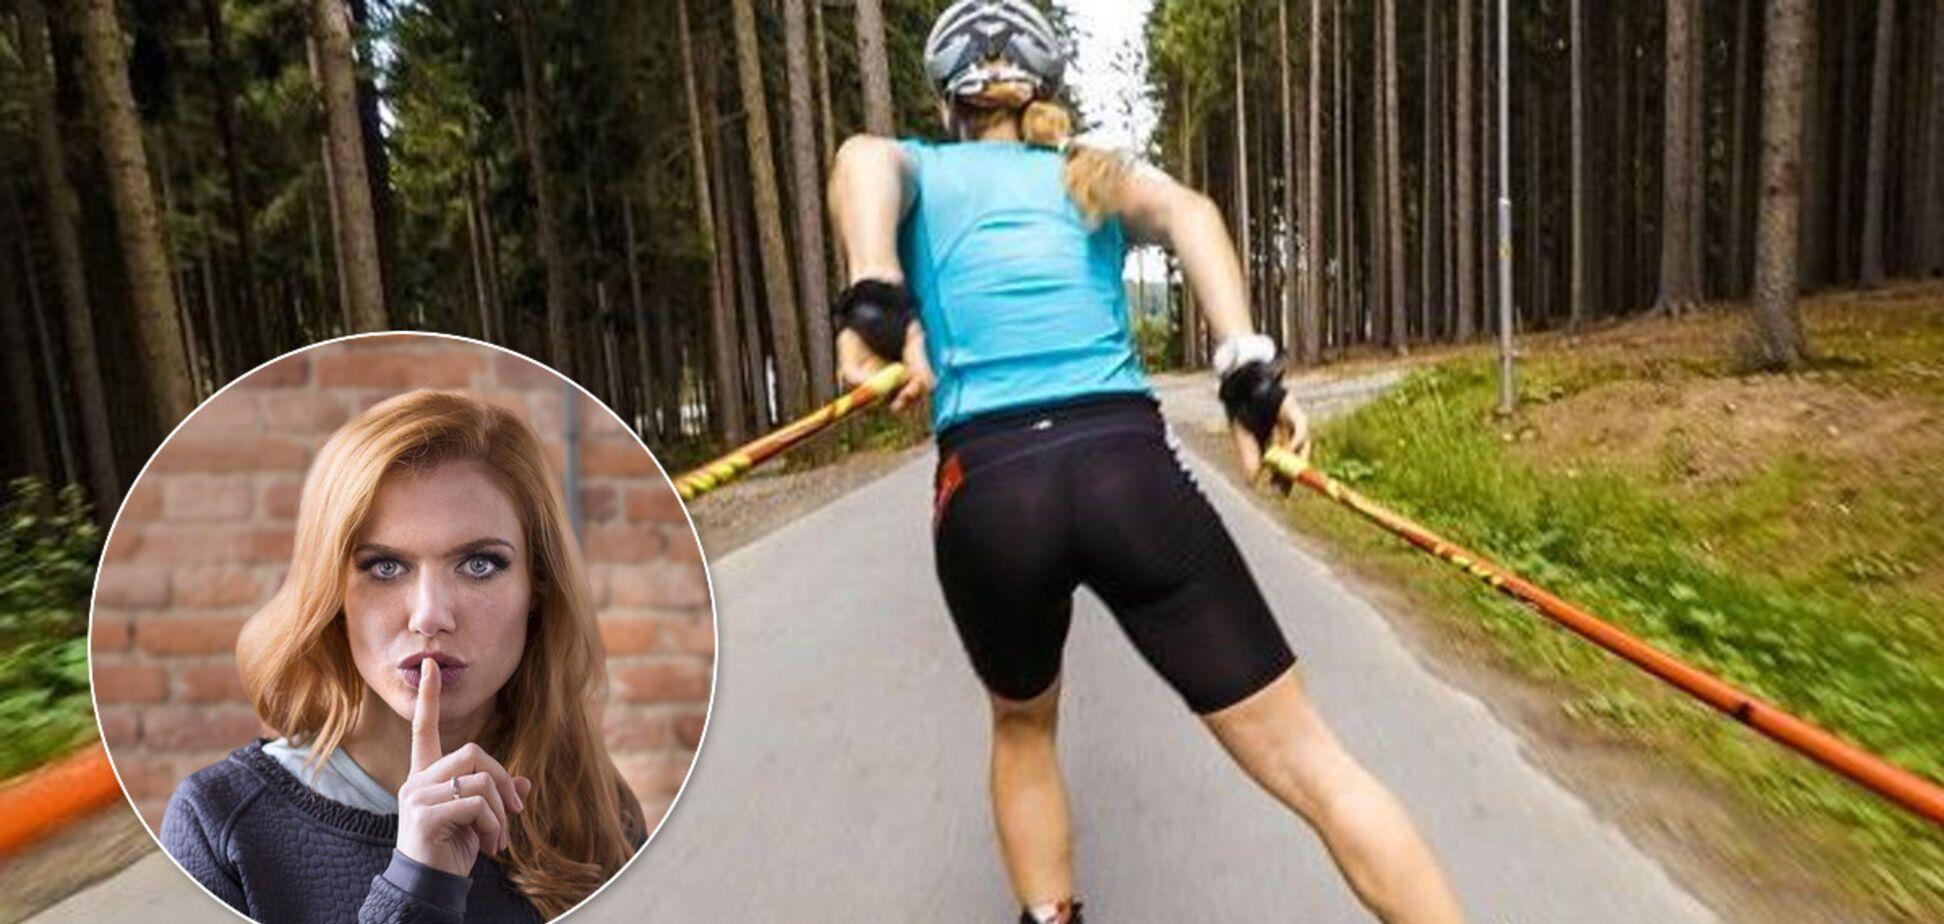 Экс-биатлонистка Коукалова впечатлила поклонников необъятным декольте